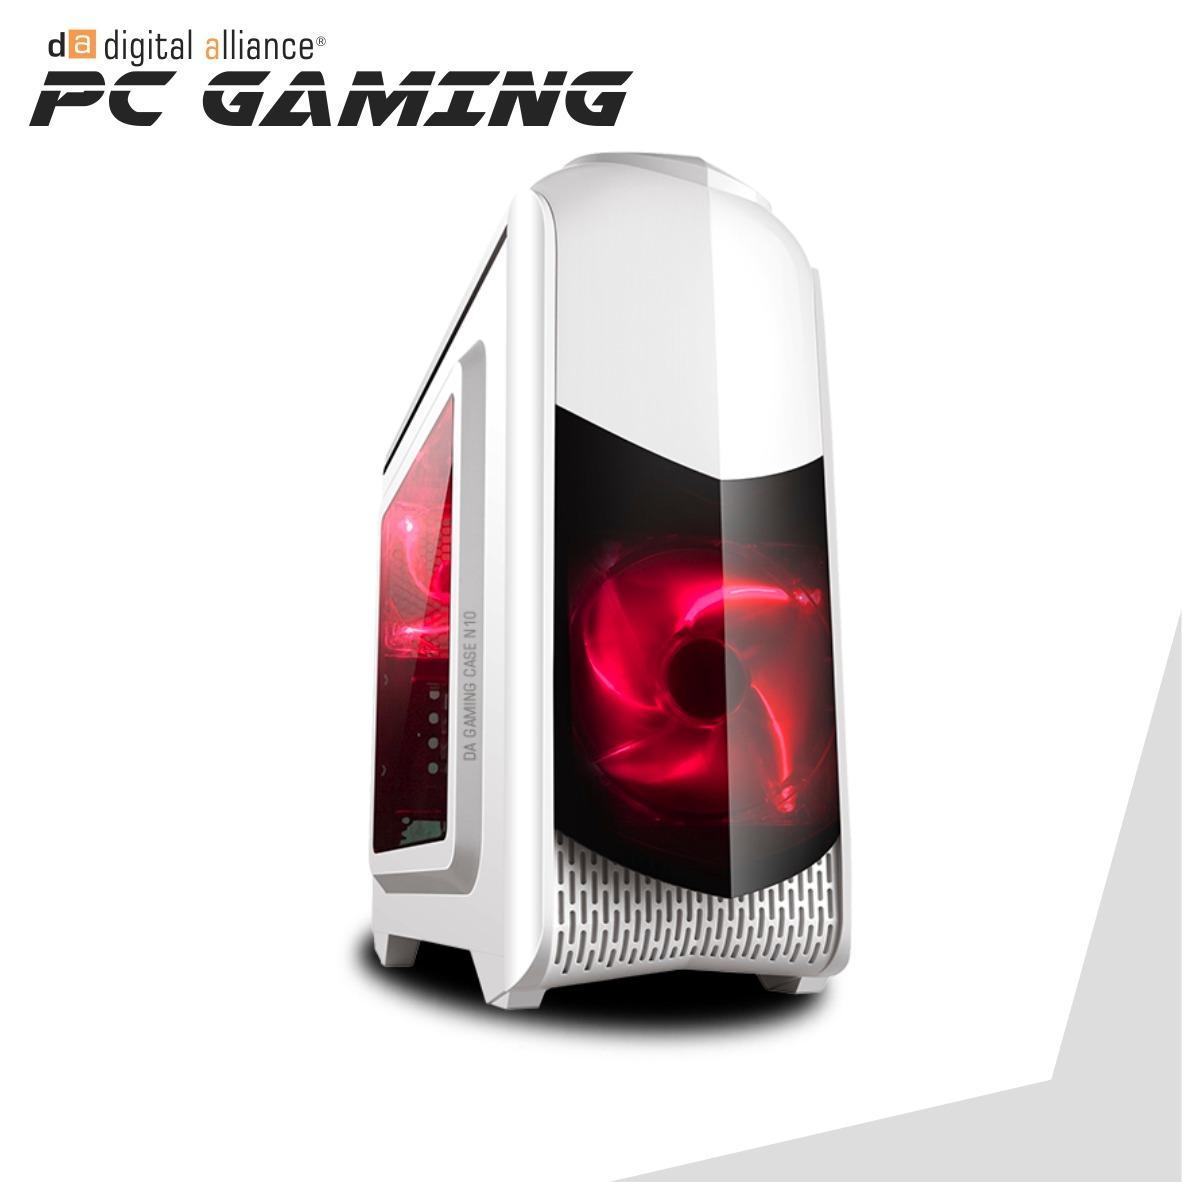 Digital Alliance Pc Gaming Quake G Rx 7 Hitam6 Daftar Semua Harga Lg K10 K430dsy 16gb Hitam Biru Indigo T Zero G1 Ti